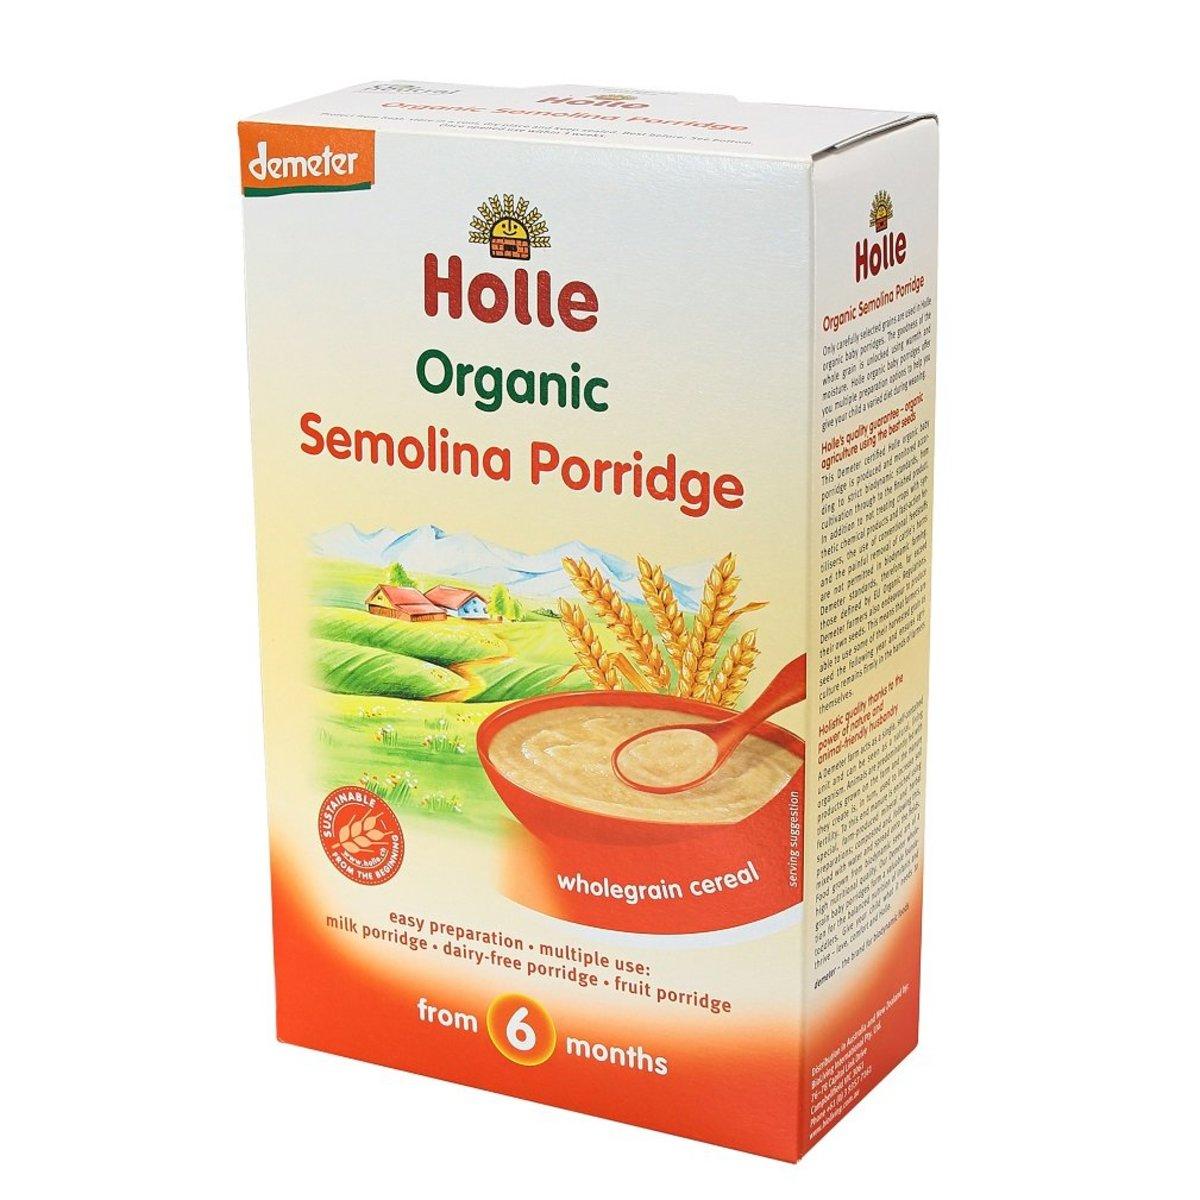 Holle有機粗粒小麥糊